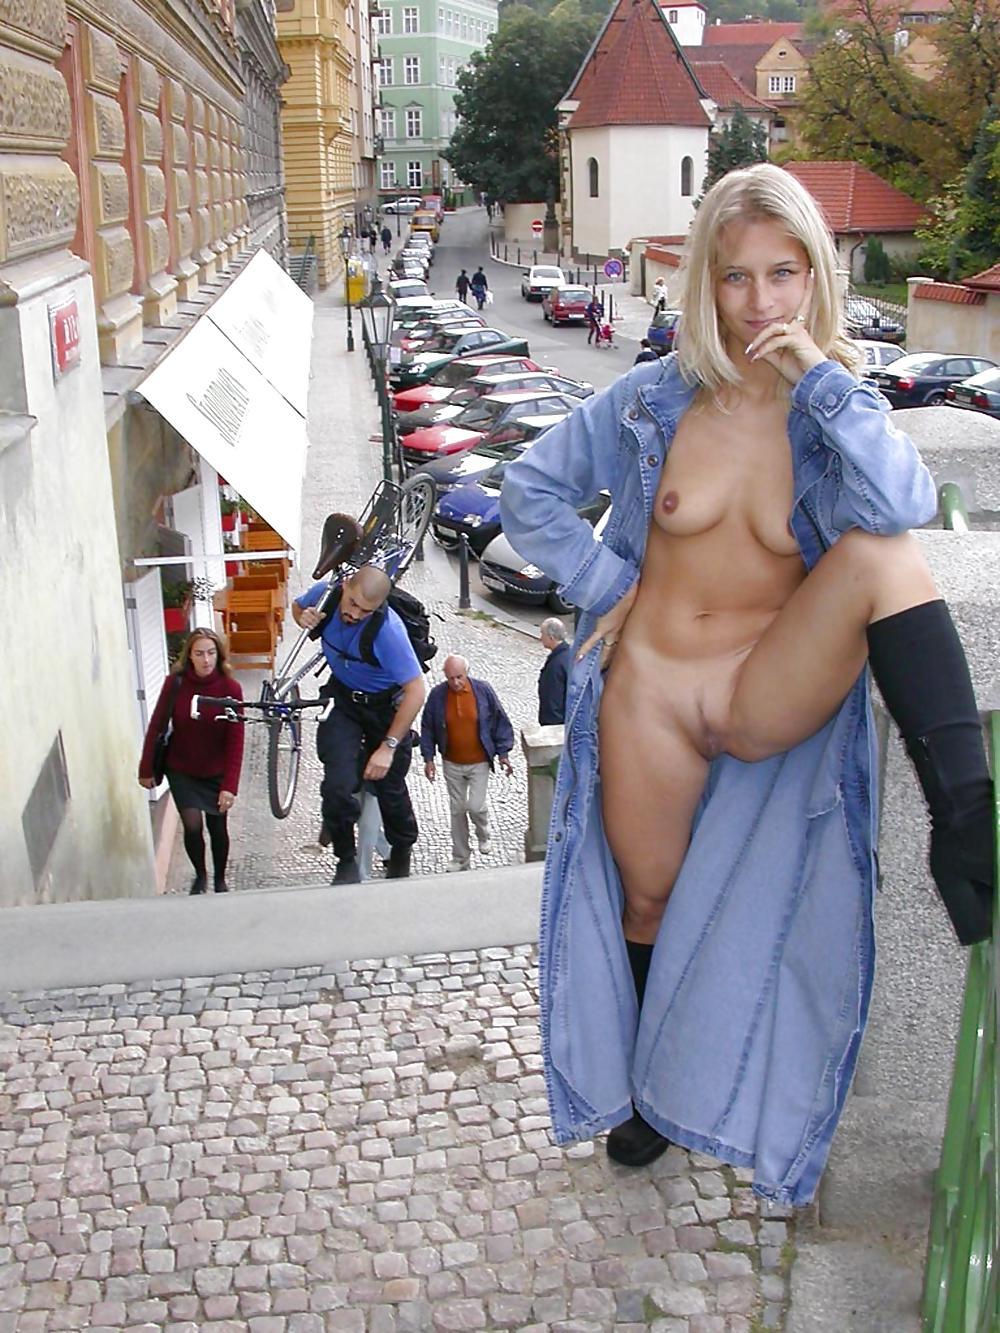 Black Ebony Amateur Babe Flashing Nude In Public